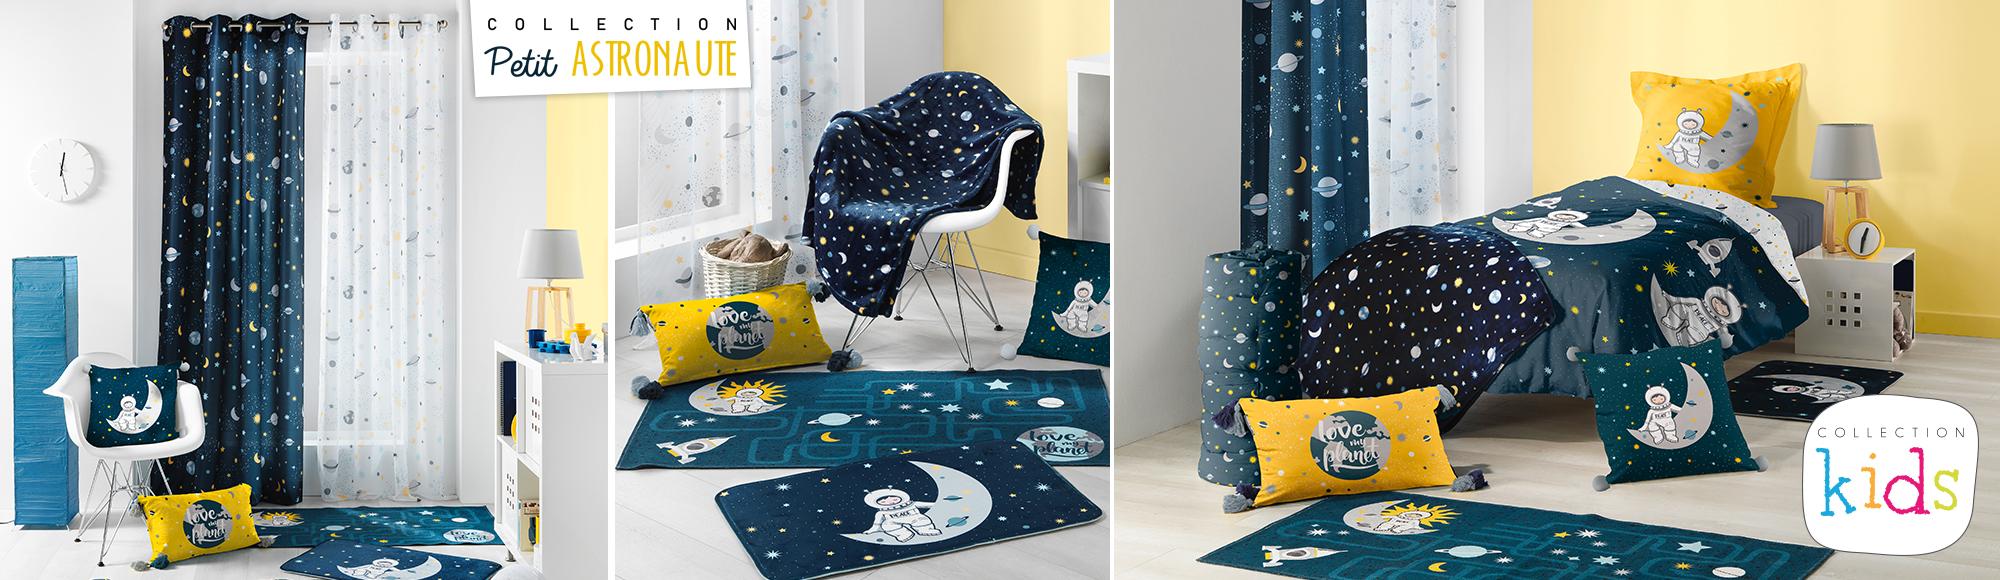 U10 - Fournisseur en decoration d'interieur - marque douceur d'interieur - collection kids - theme complet - petit astronaute